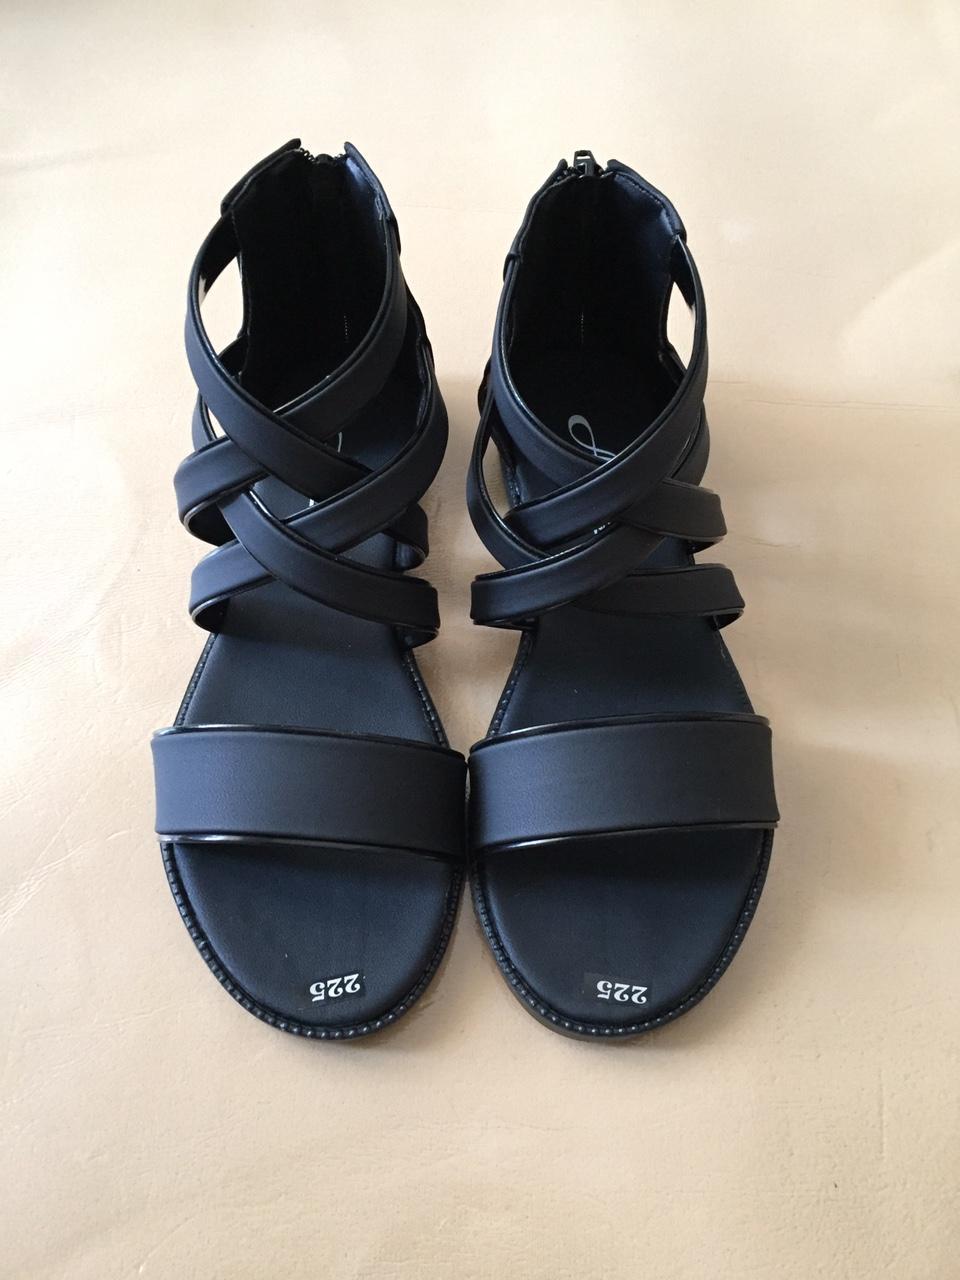 Giày Sandal Nữ Dây Chéo Thời Trang Giá Quá Ưu Đãi